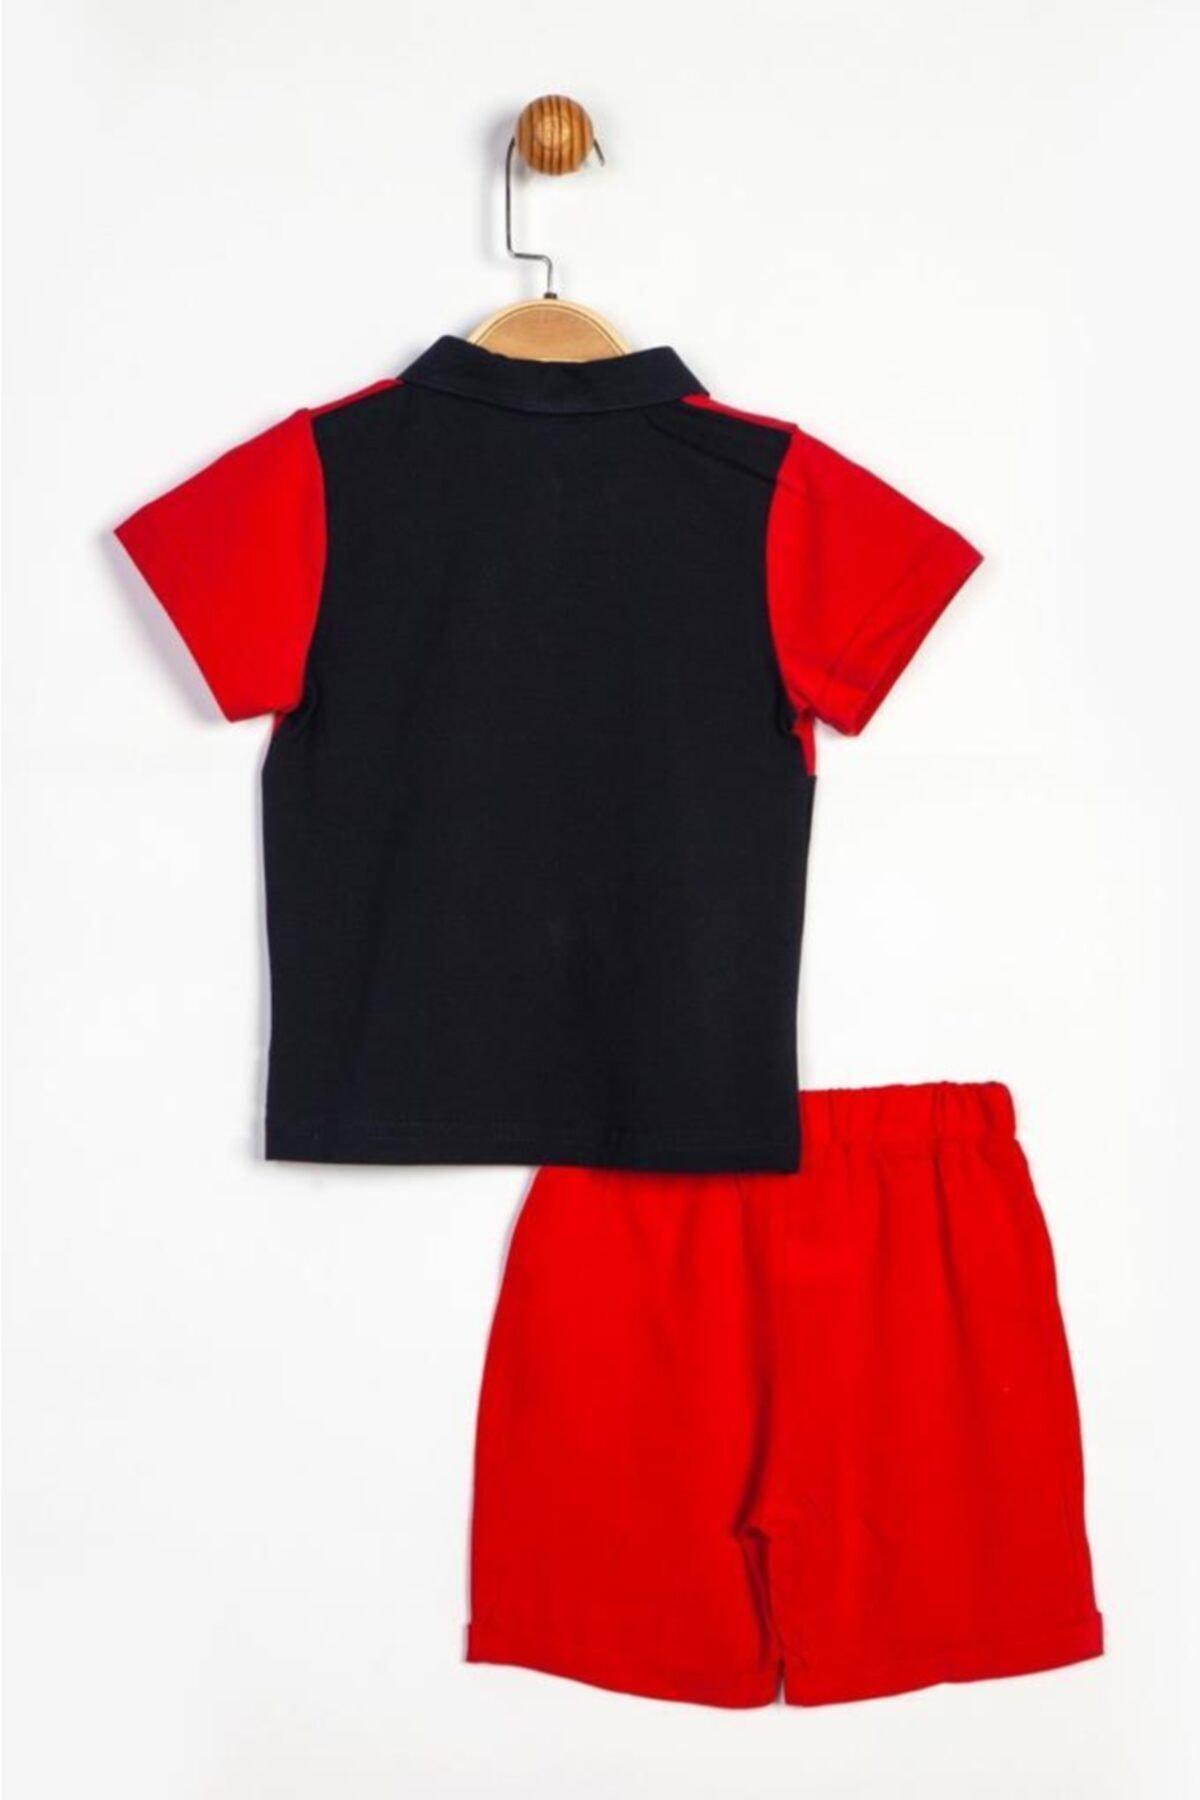 Mickey Mouse Erkek Çocuk kırmızı Polo Yaka Alt-Üst Takım 15445 T20y15445dsn01 2